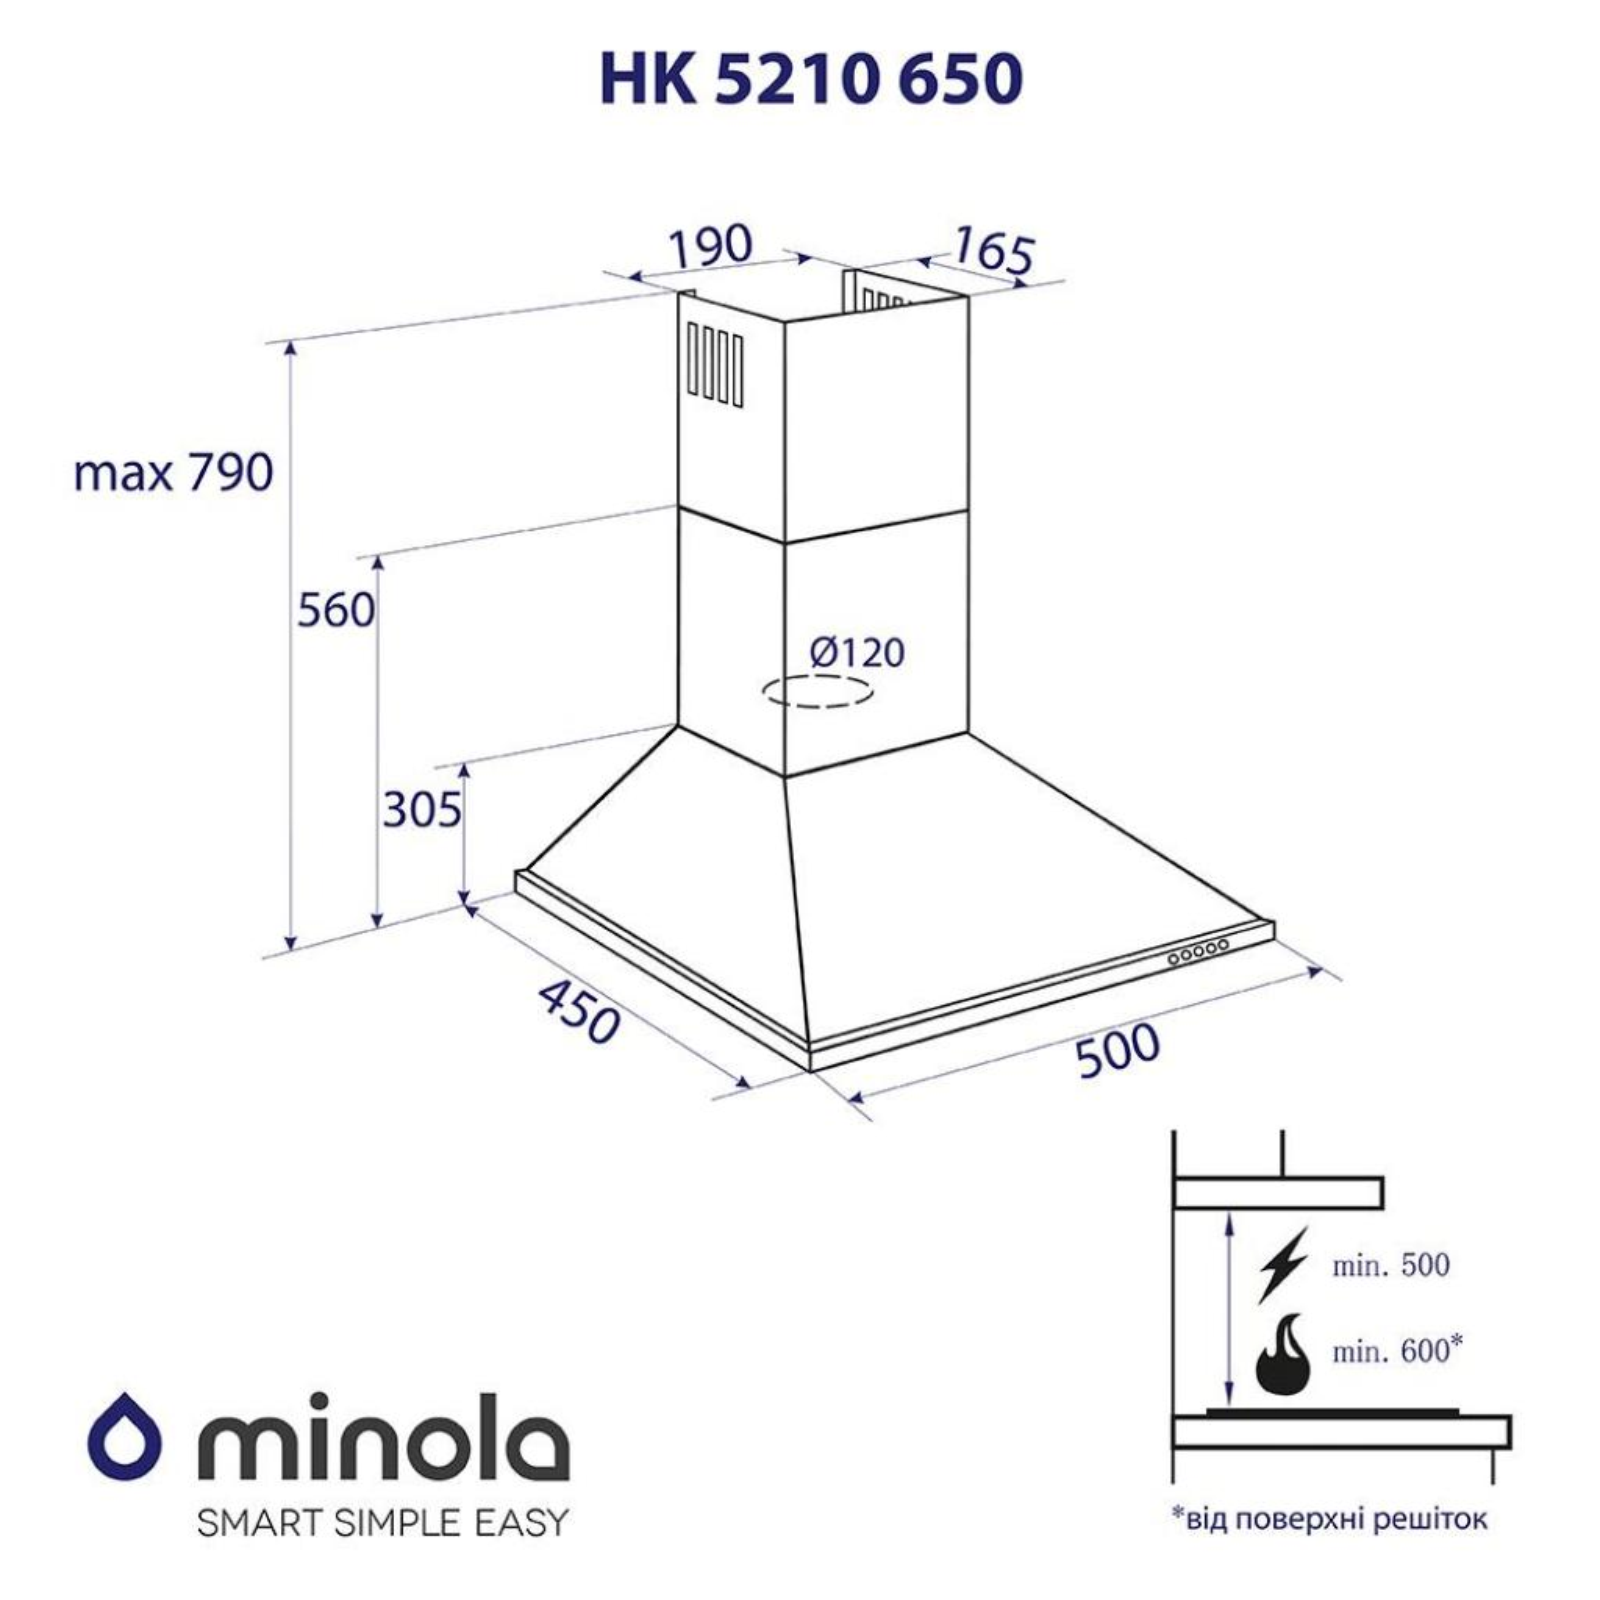 Вытяжка кухонная MINOLA HK 5210 BR 650 изображение 7